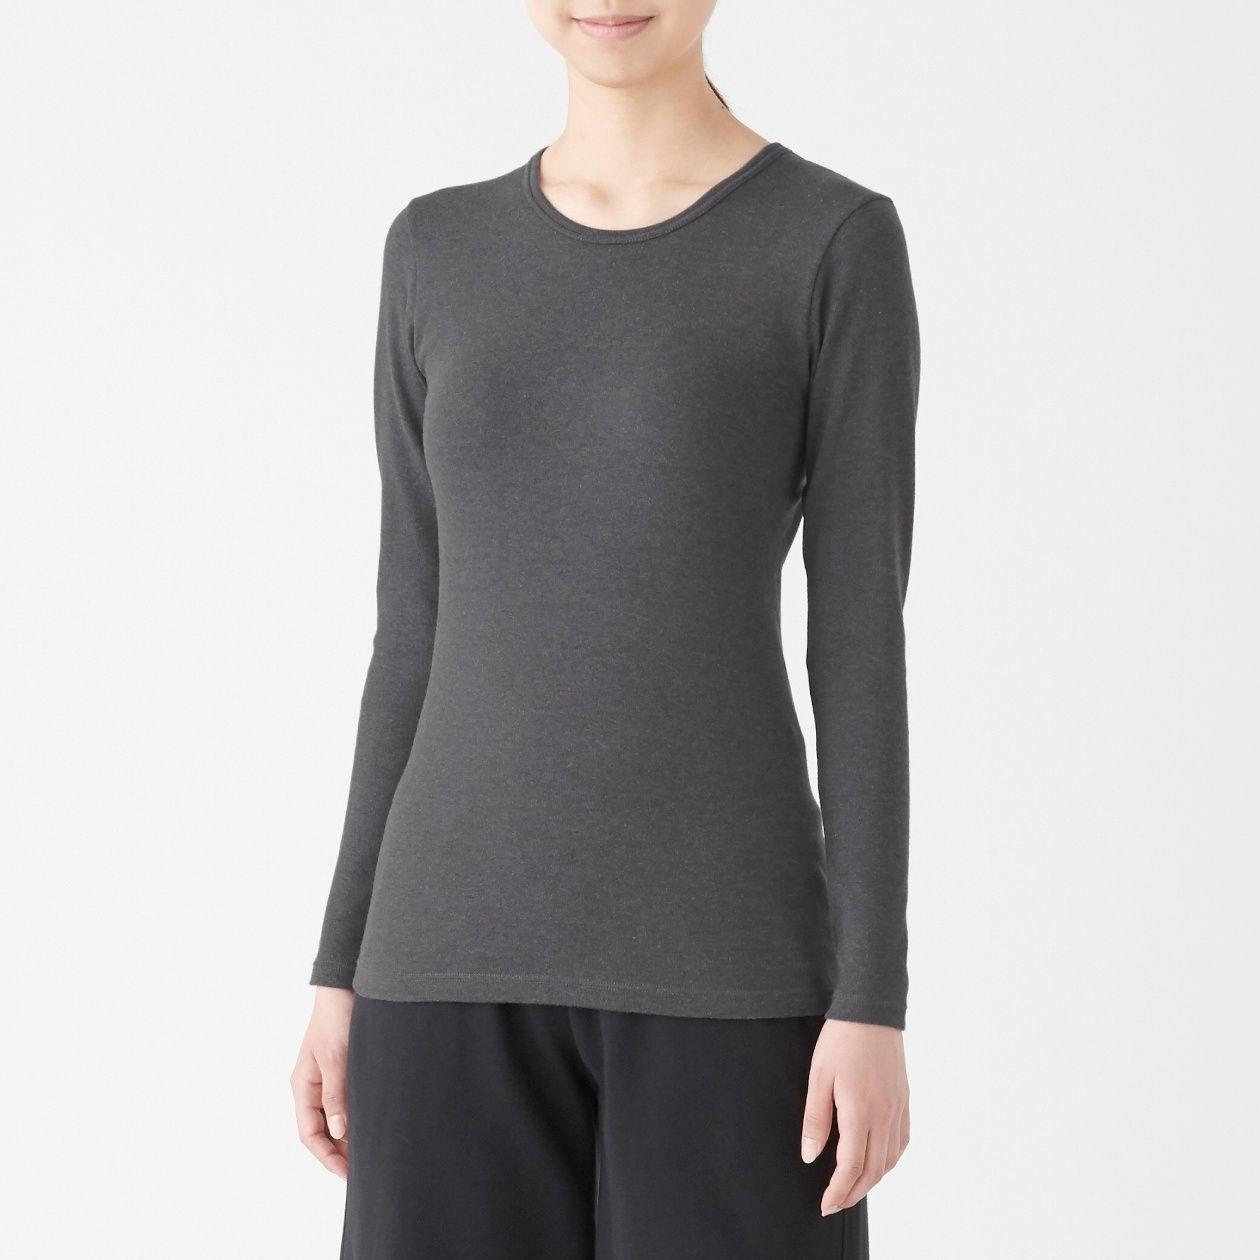 綿とウールで真冬もあったかクルーネック長袖Tシャツ